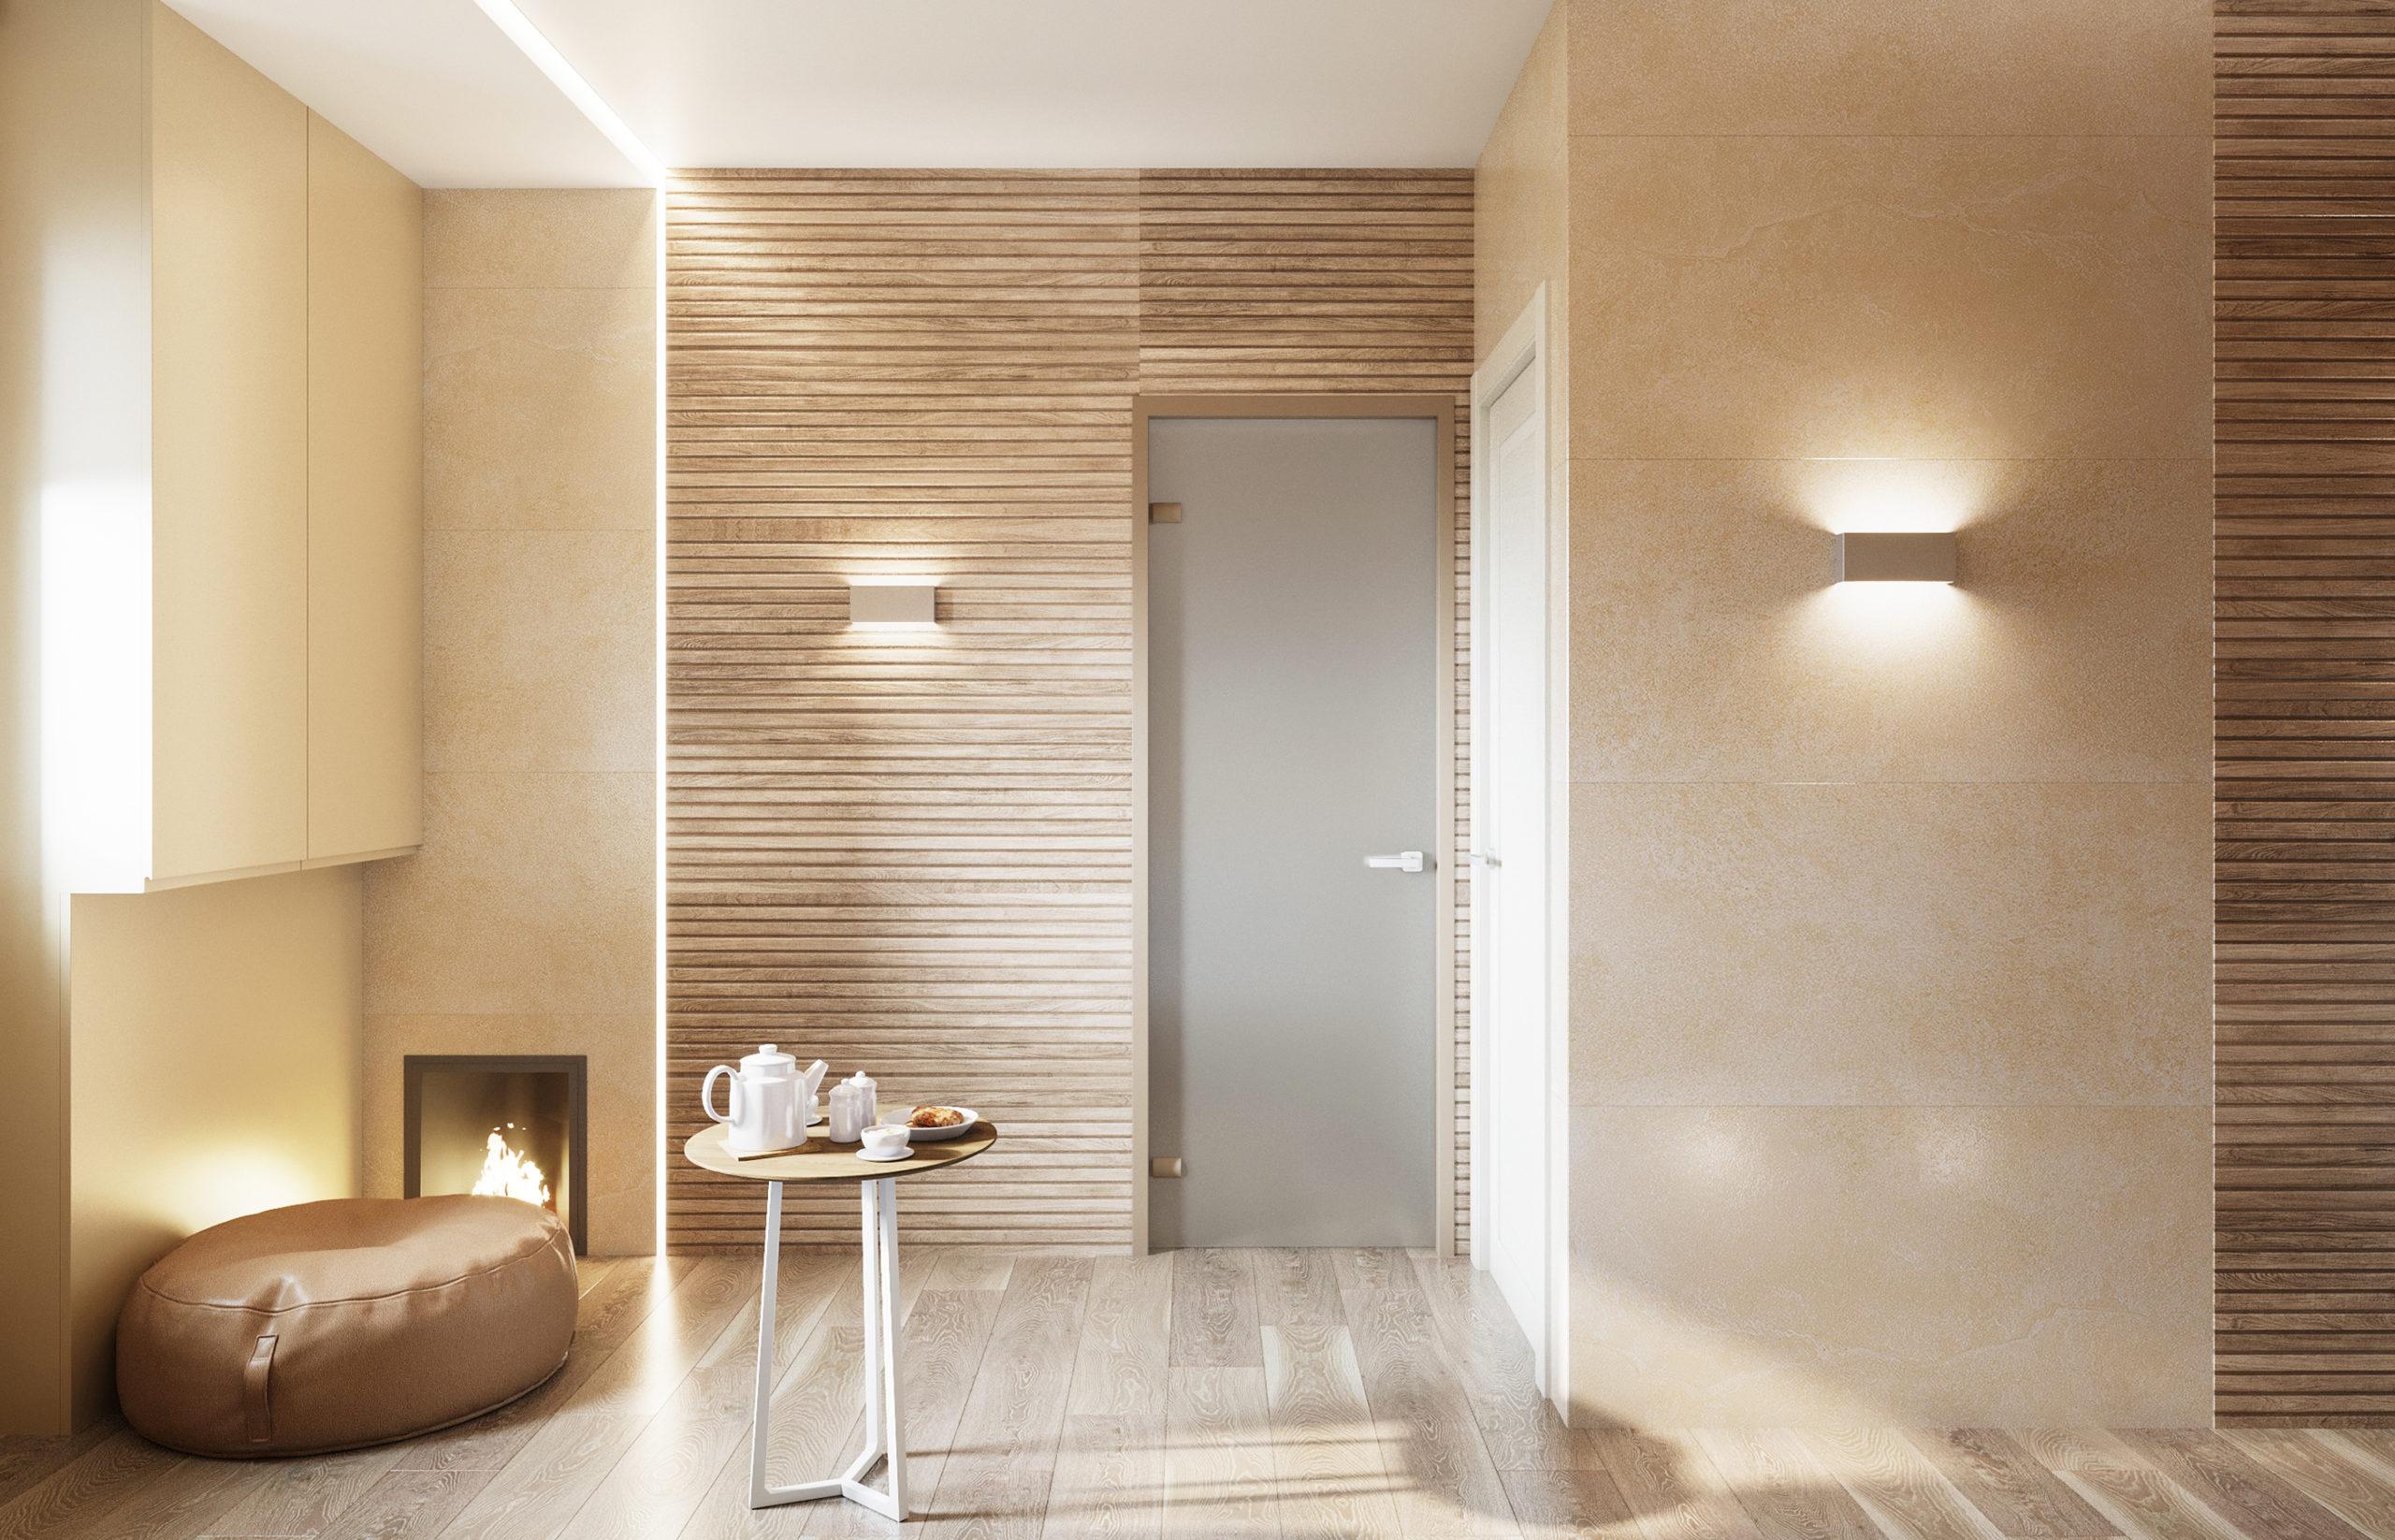 Газовый котел в минималистичном обрамлении становится похожим на камин и делает интерьер бани еще более теплым и уютным